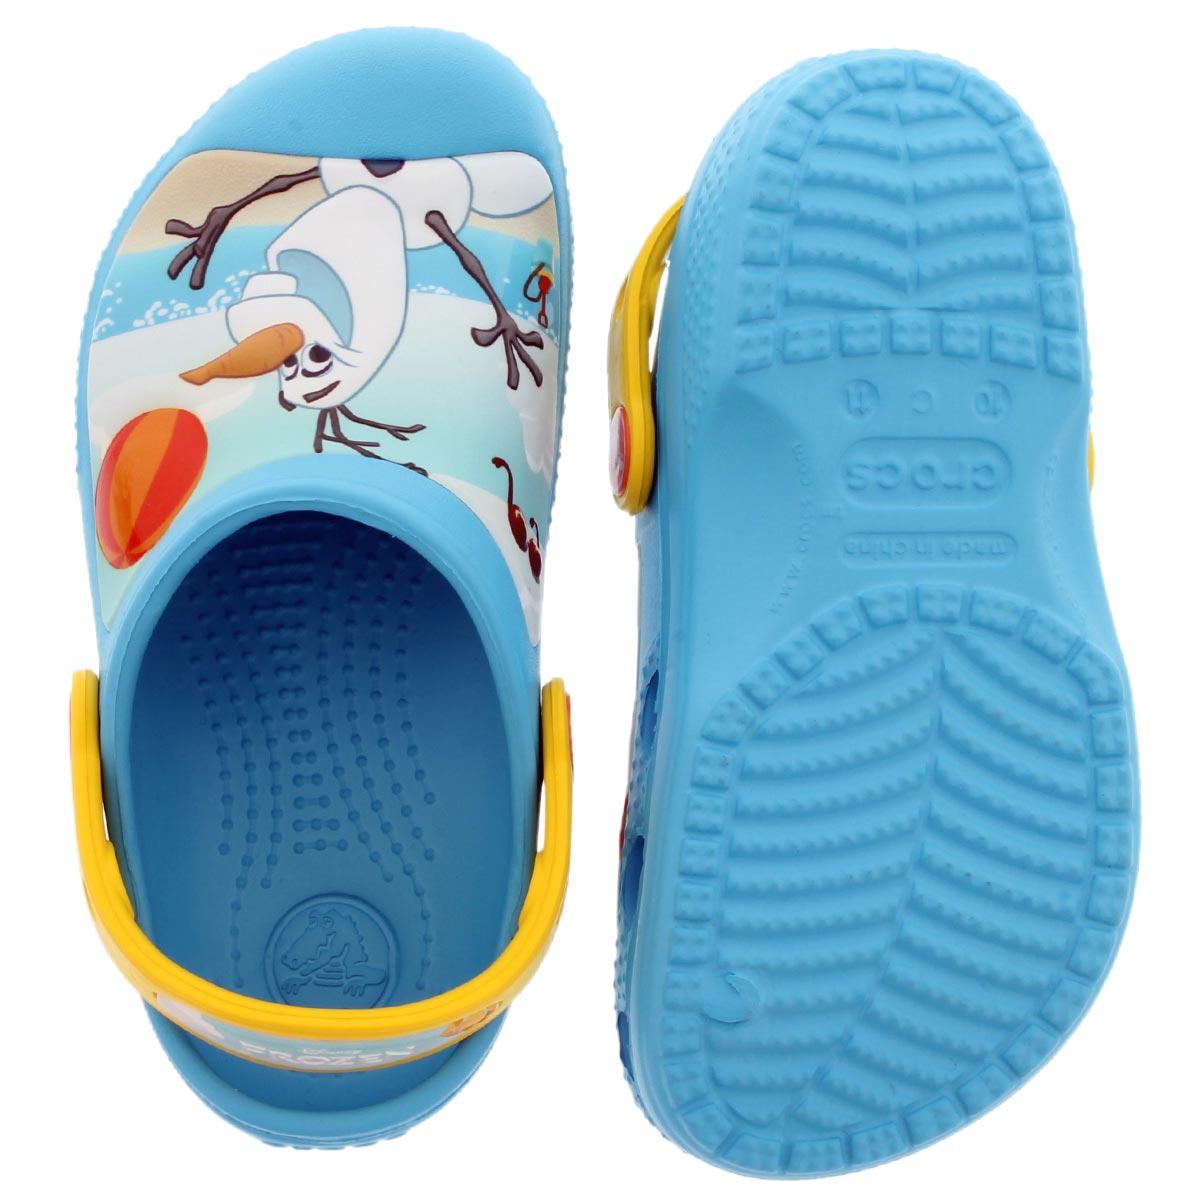 Kds Olaf electric blue EVA comfort clog